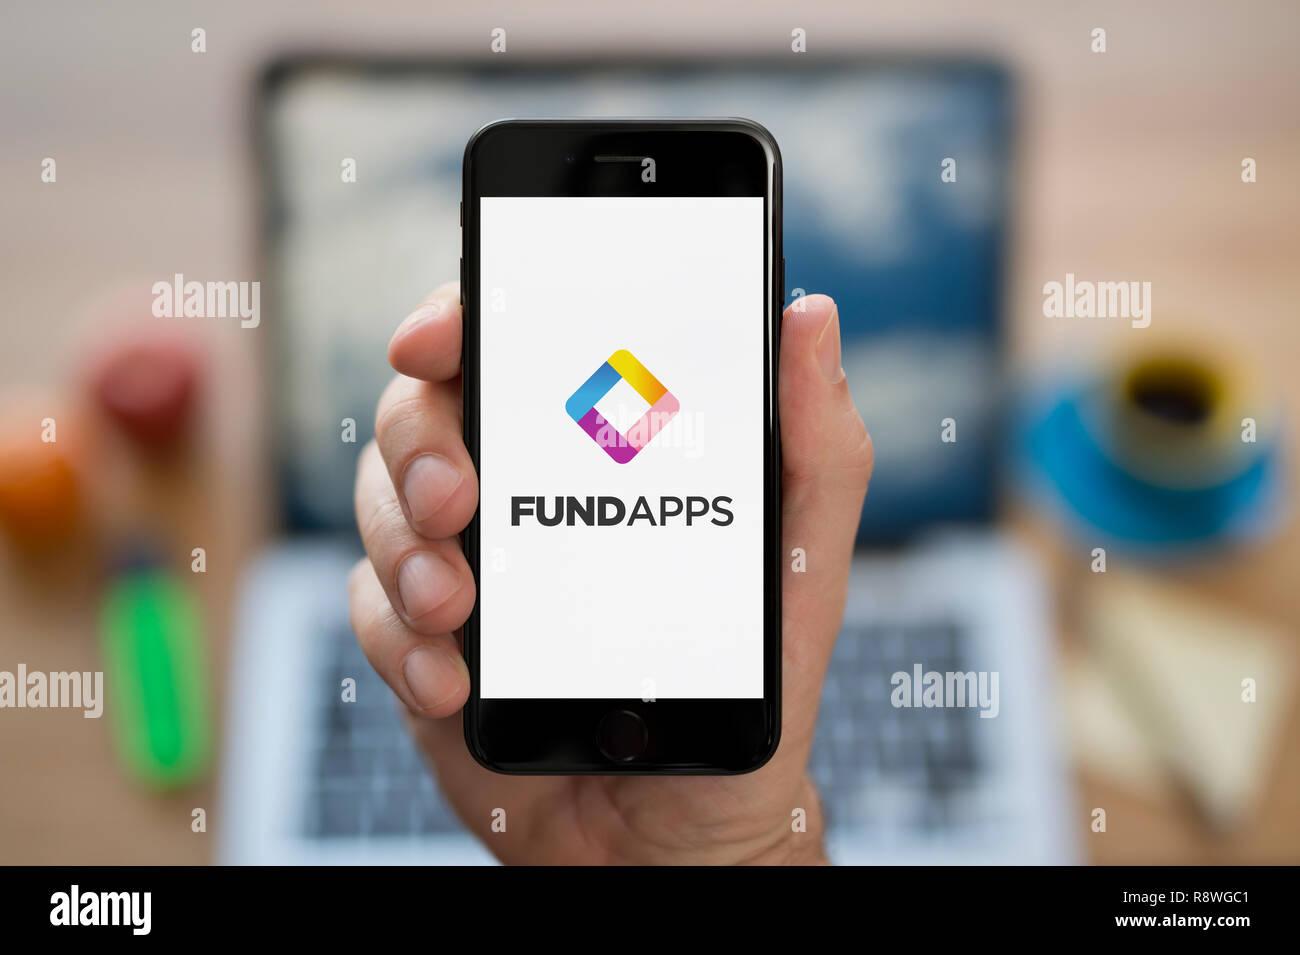 Un homme se penche sur son iPhone qui affiche le logo Applications fonds éditorial (utilisez uniquement). Photo Stock